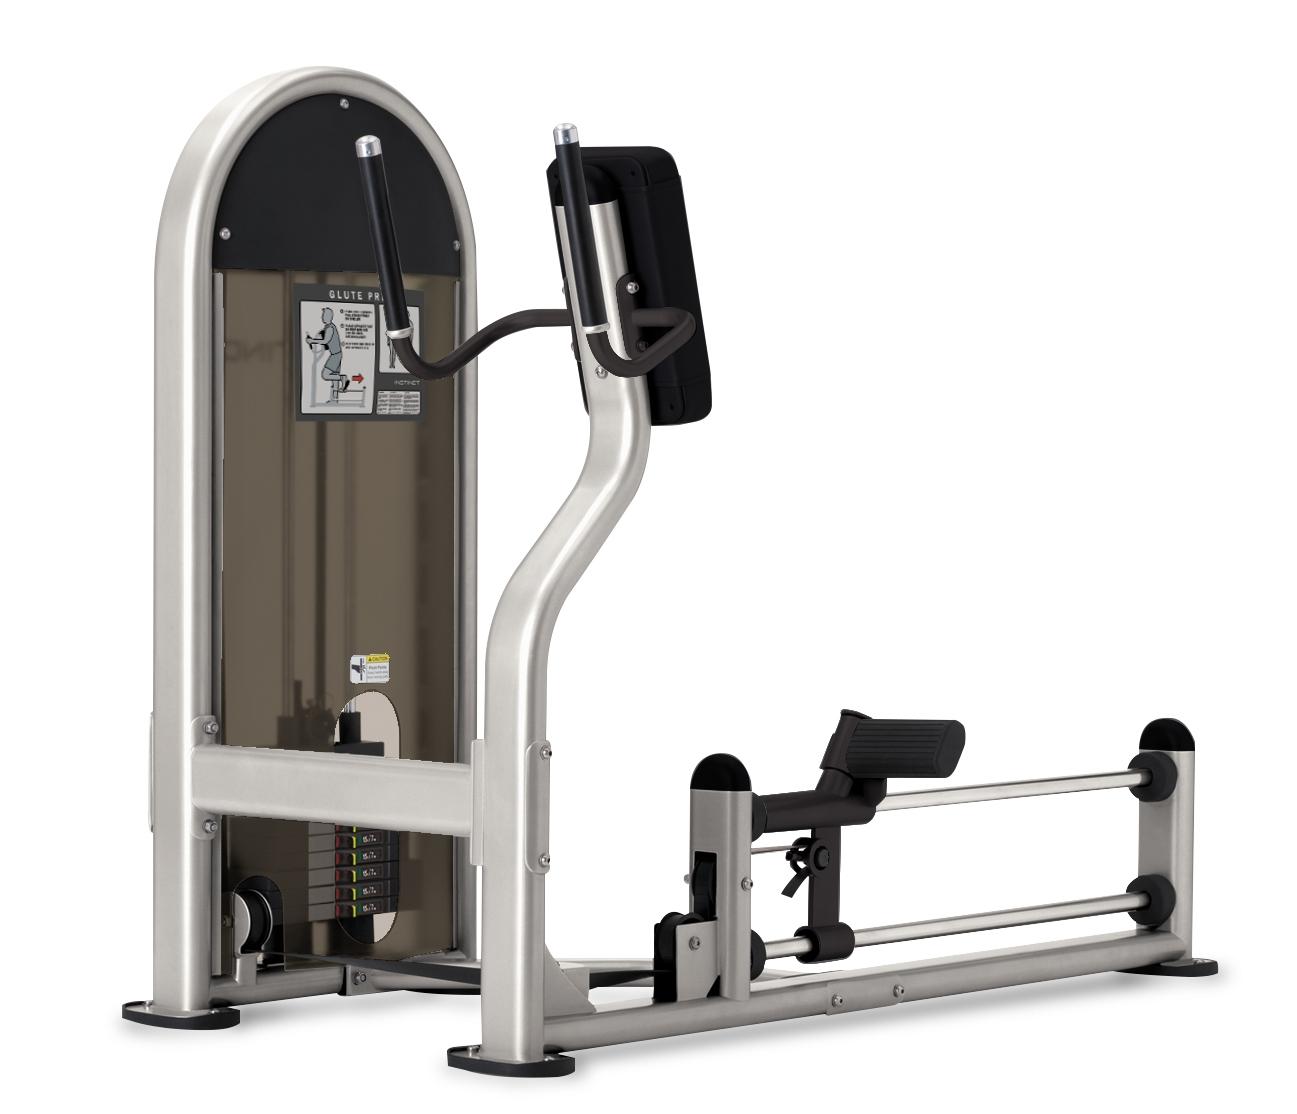 Грузоблочные тренажеры: Ягодичные мышцы Nautilus Instinct 9NL-S1012